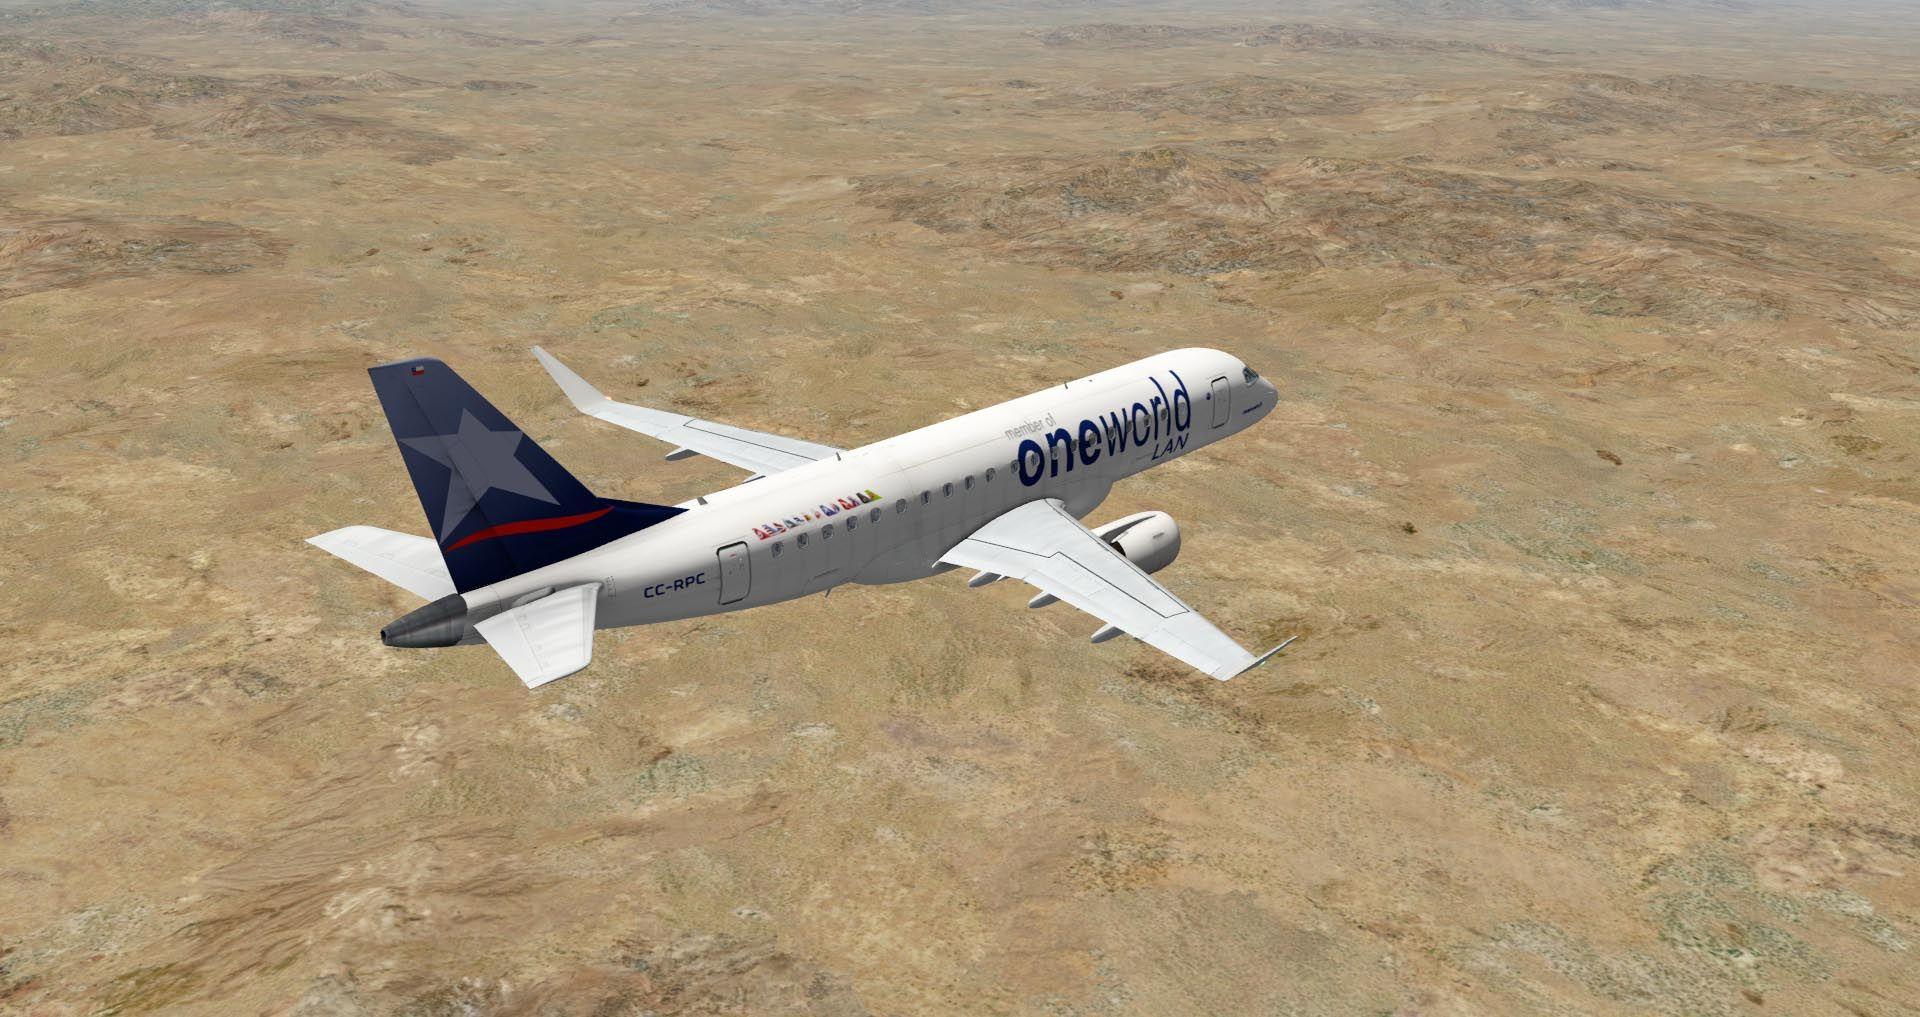 X-Crafts Embraer E175 - Aircraft Skins - Liveries - X-Plane Org